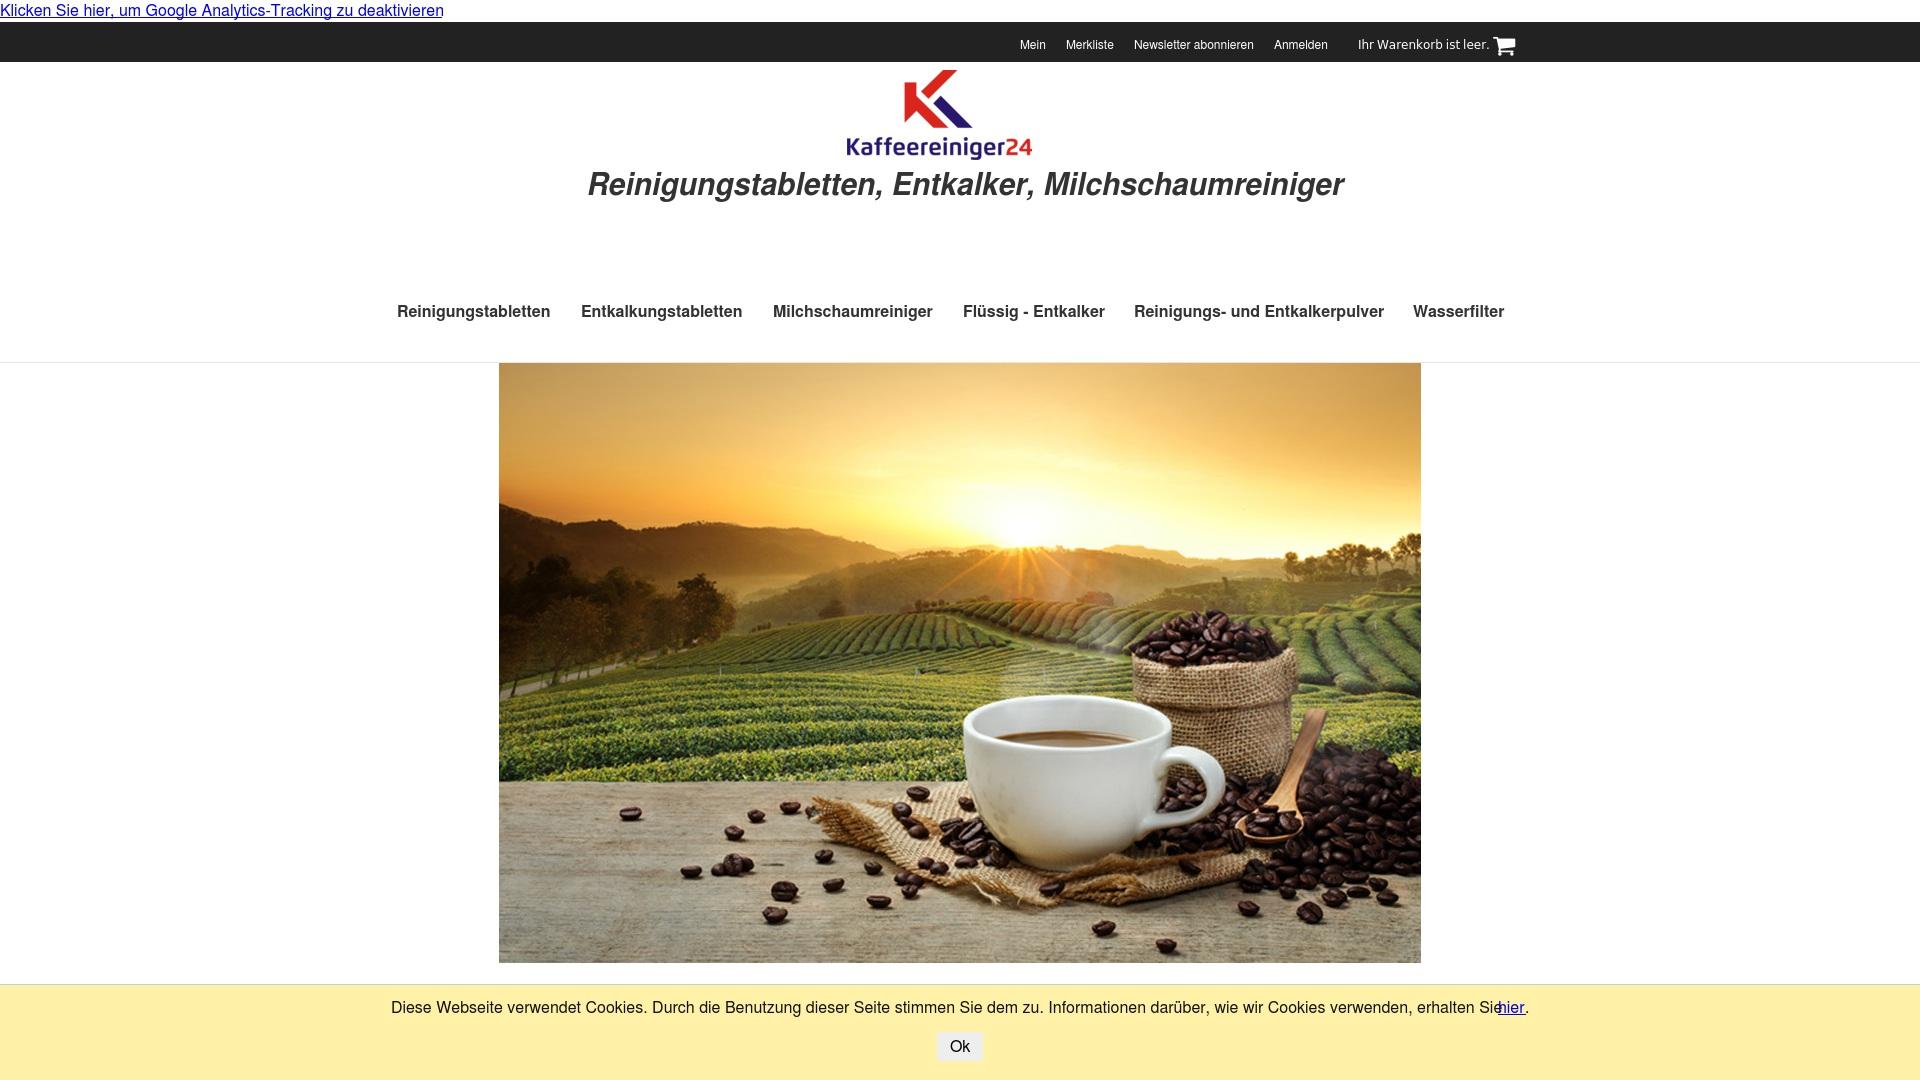 Gutschein für Kaffeereiniger24: Rabatte für  Kaffeereiniger24 sichern